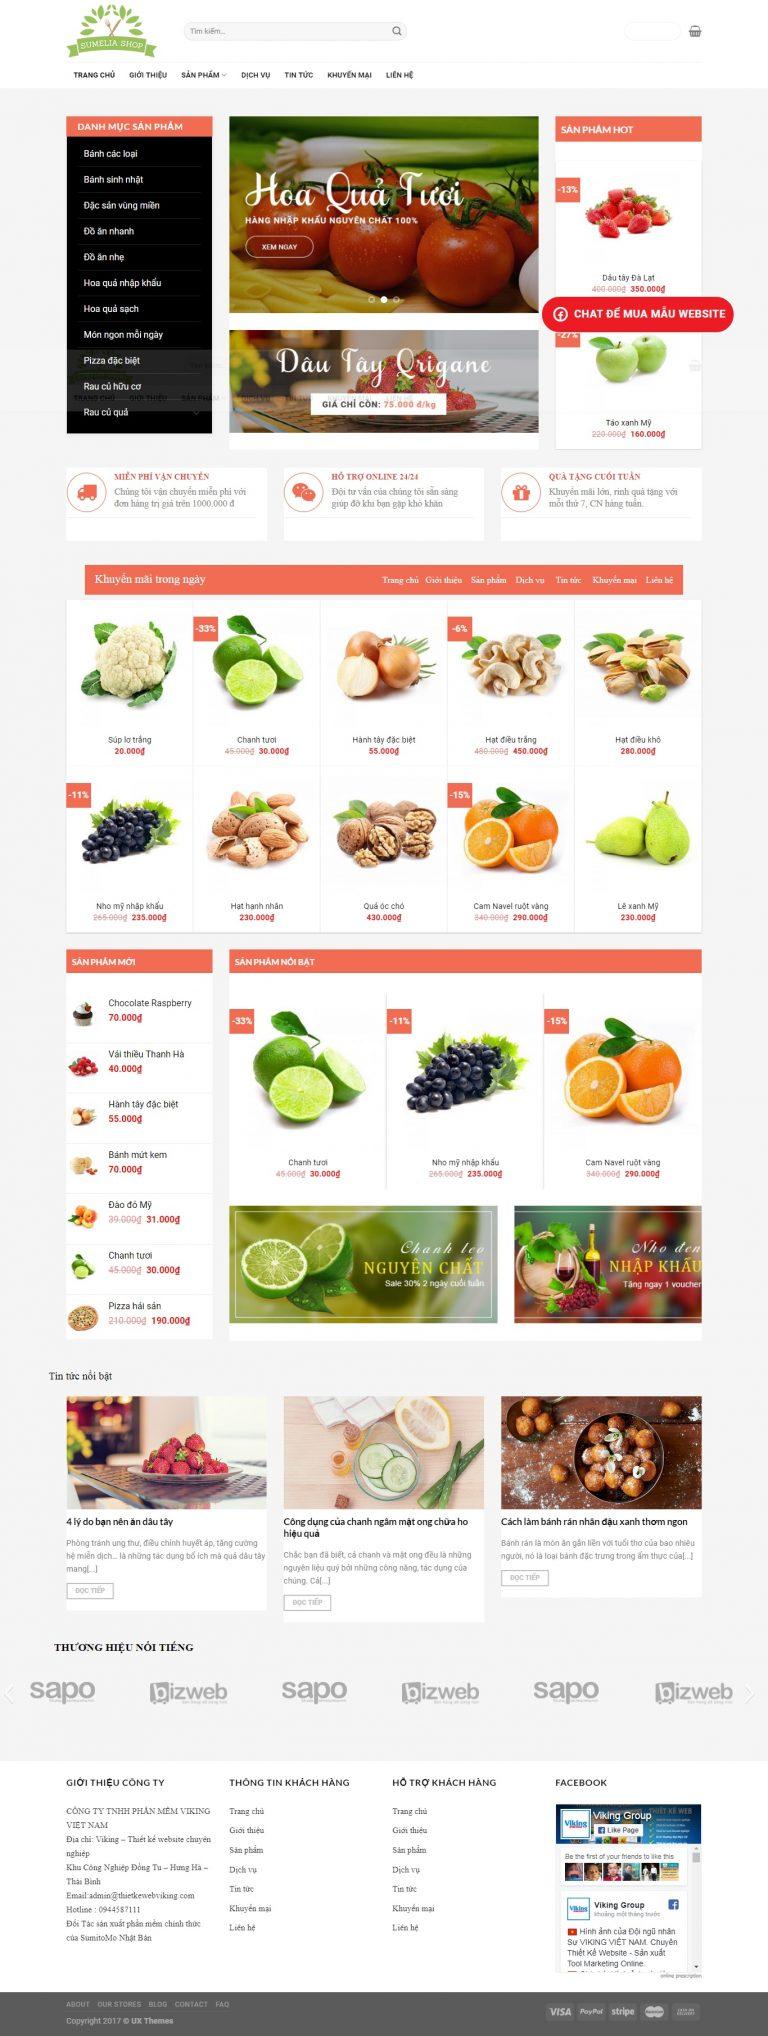 Thiết kế web bán hàng mẫu 15